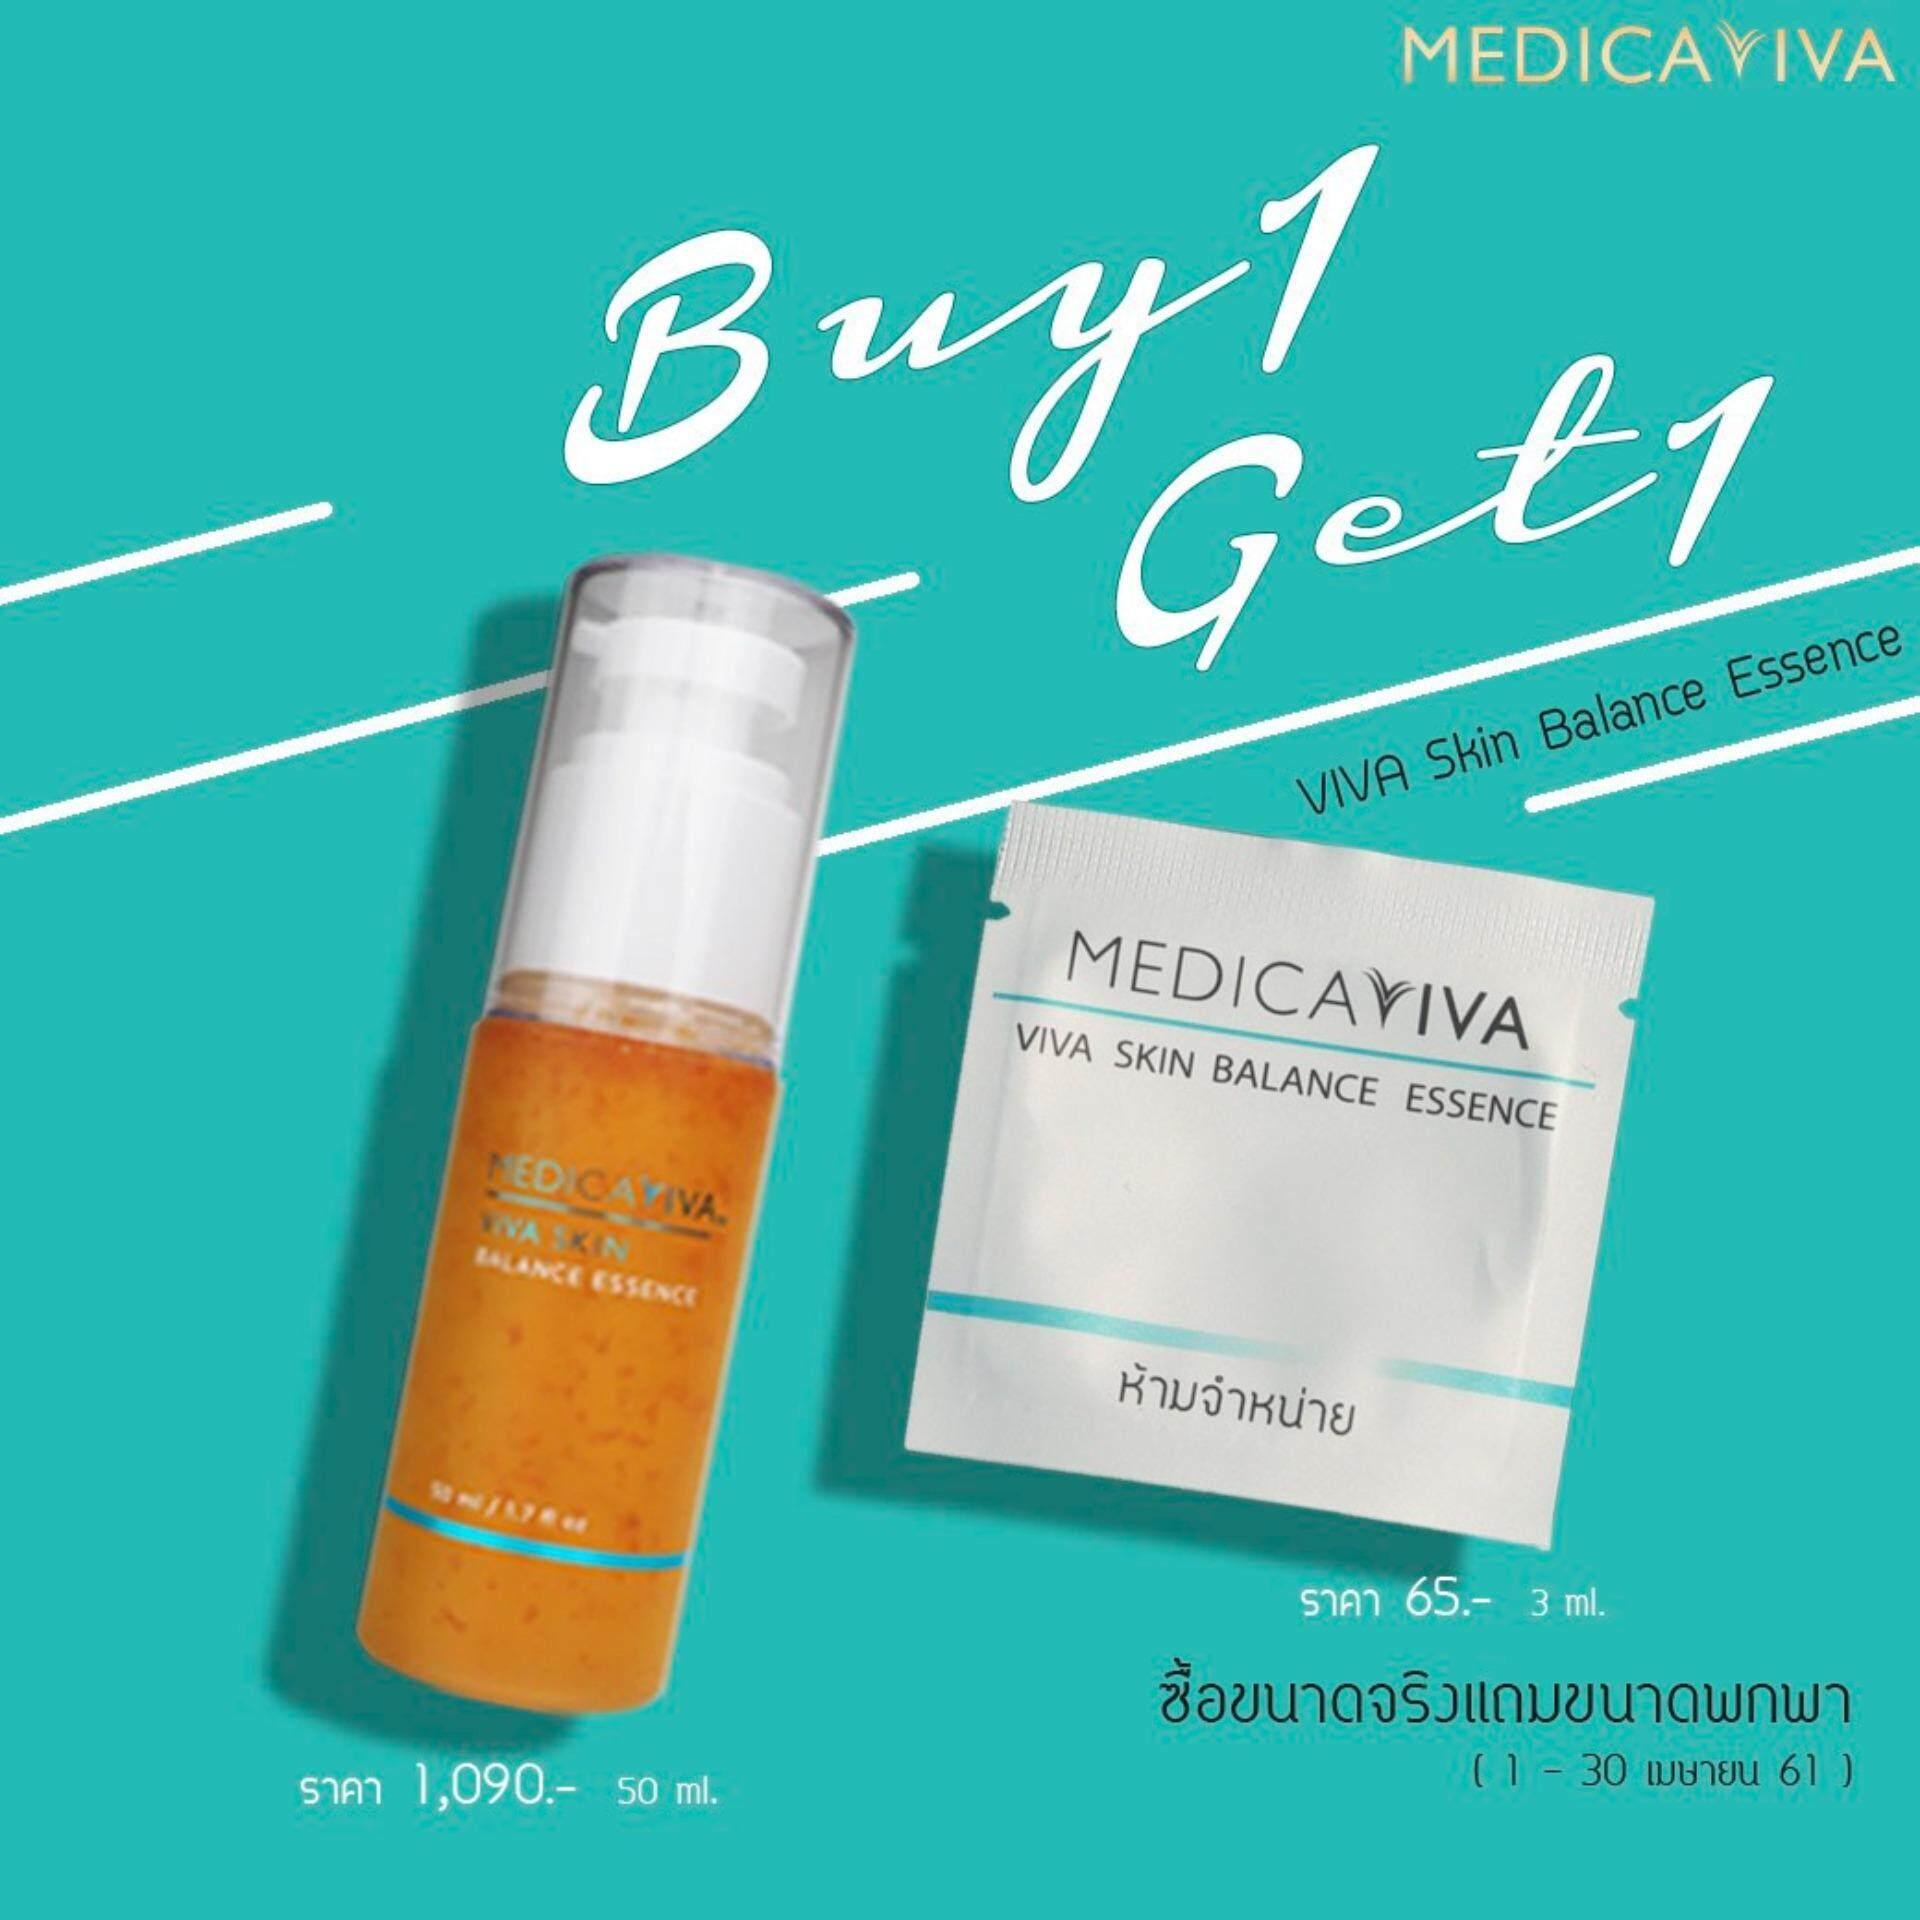 ขาย Medica Viva Skin Balance Essence เมดิก้า วิว่า สกินบาลานซ์ เอสเซนส์ น้ำตบวิว่า 50 Ml ถูก